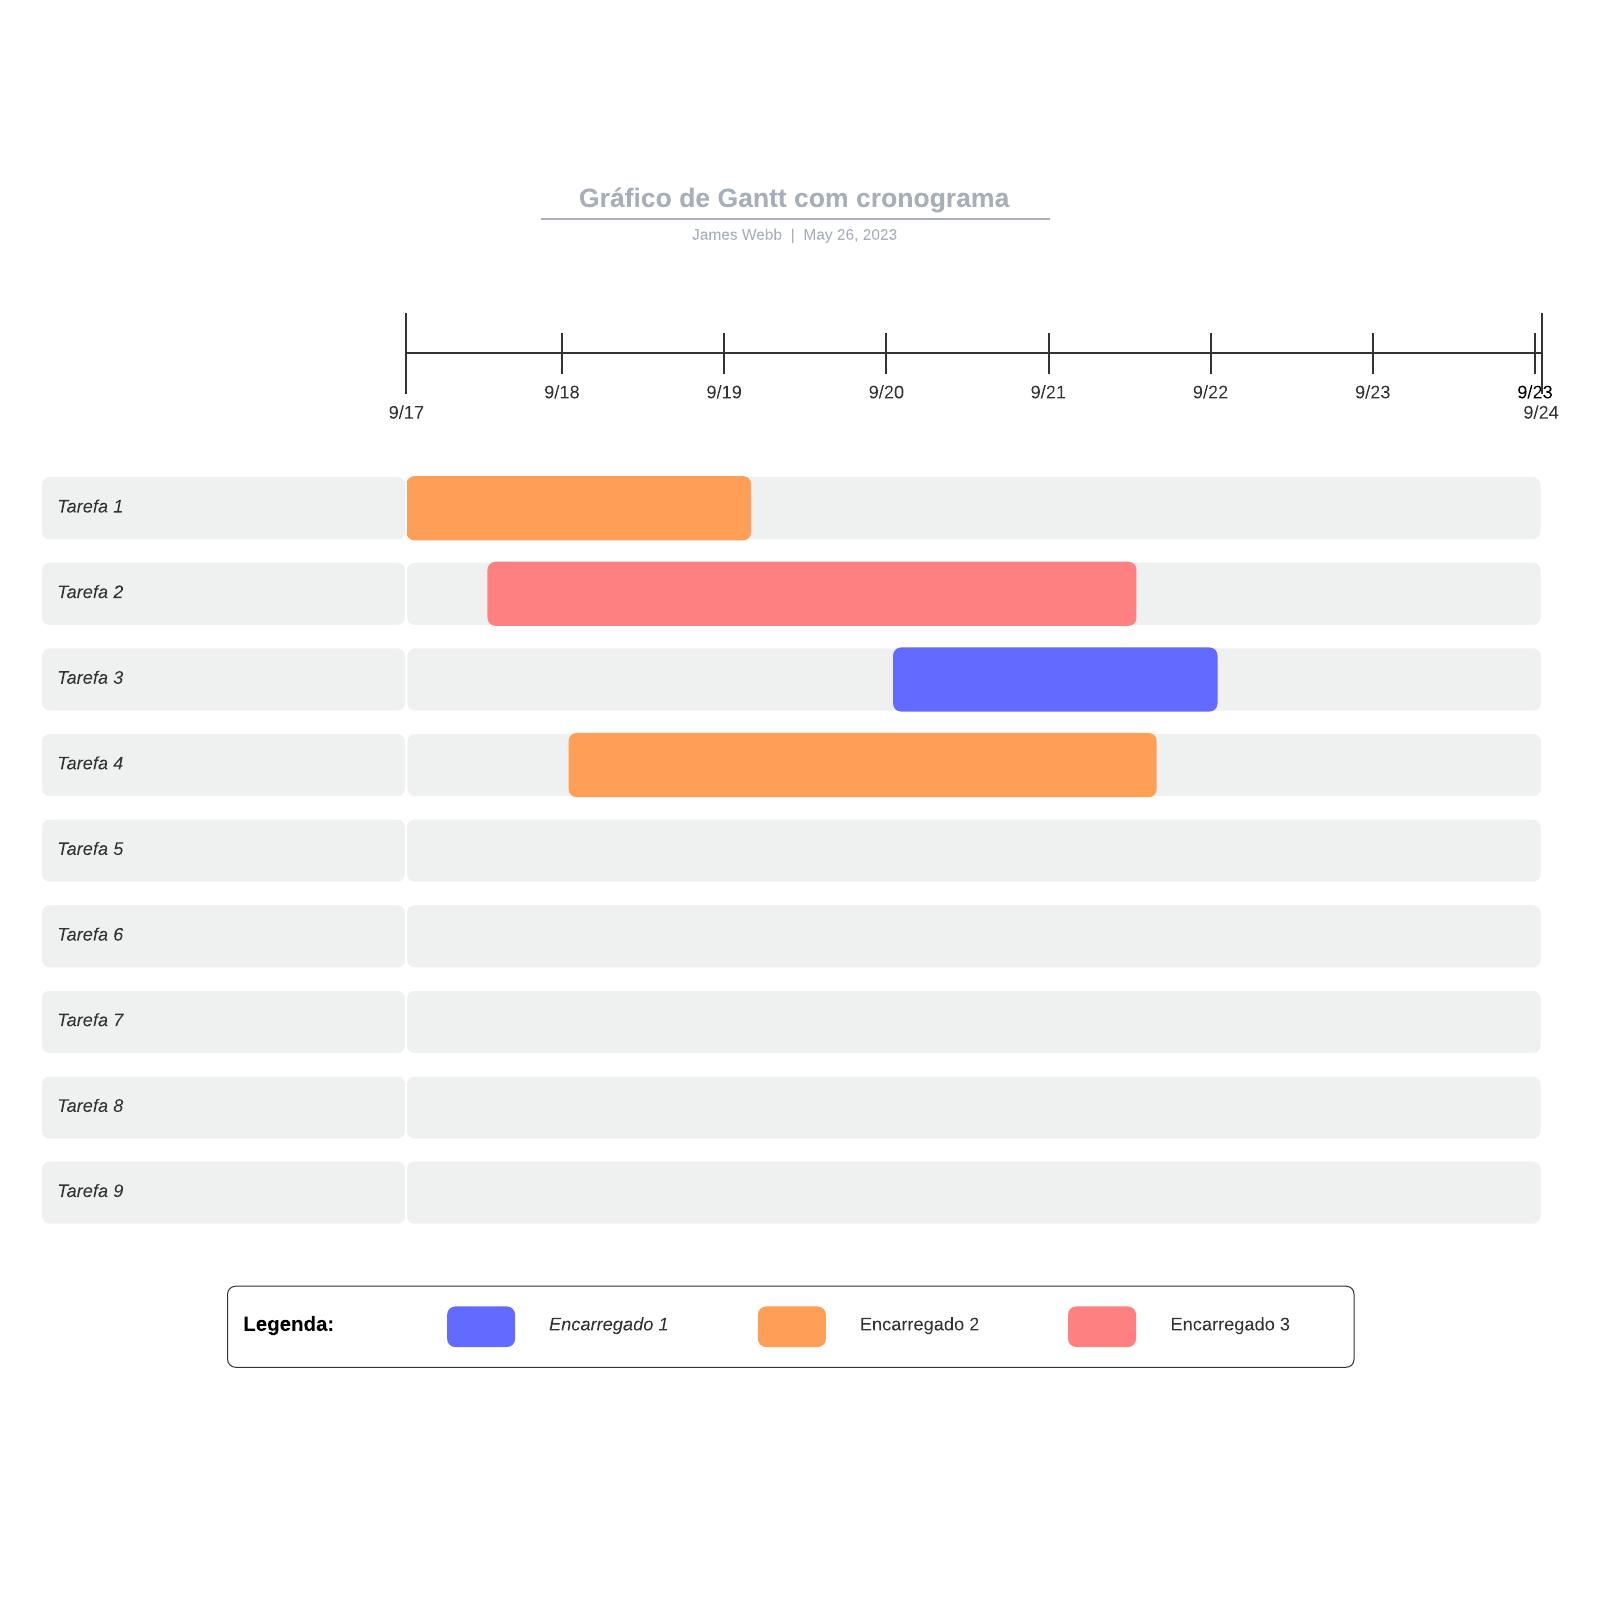 Gráfico de Gantt com cronograma